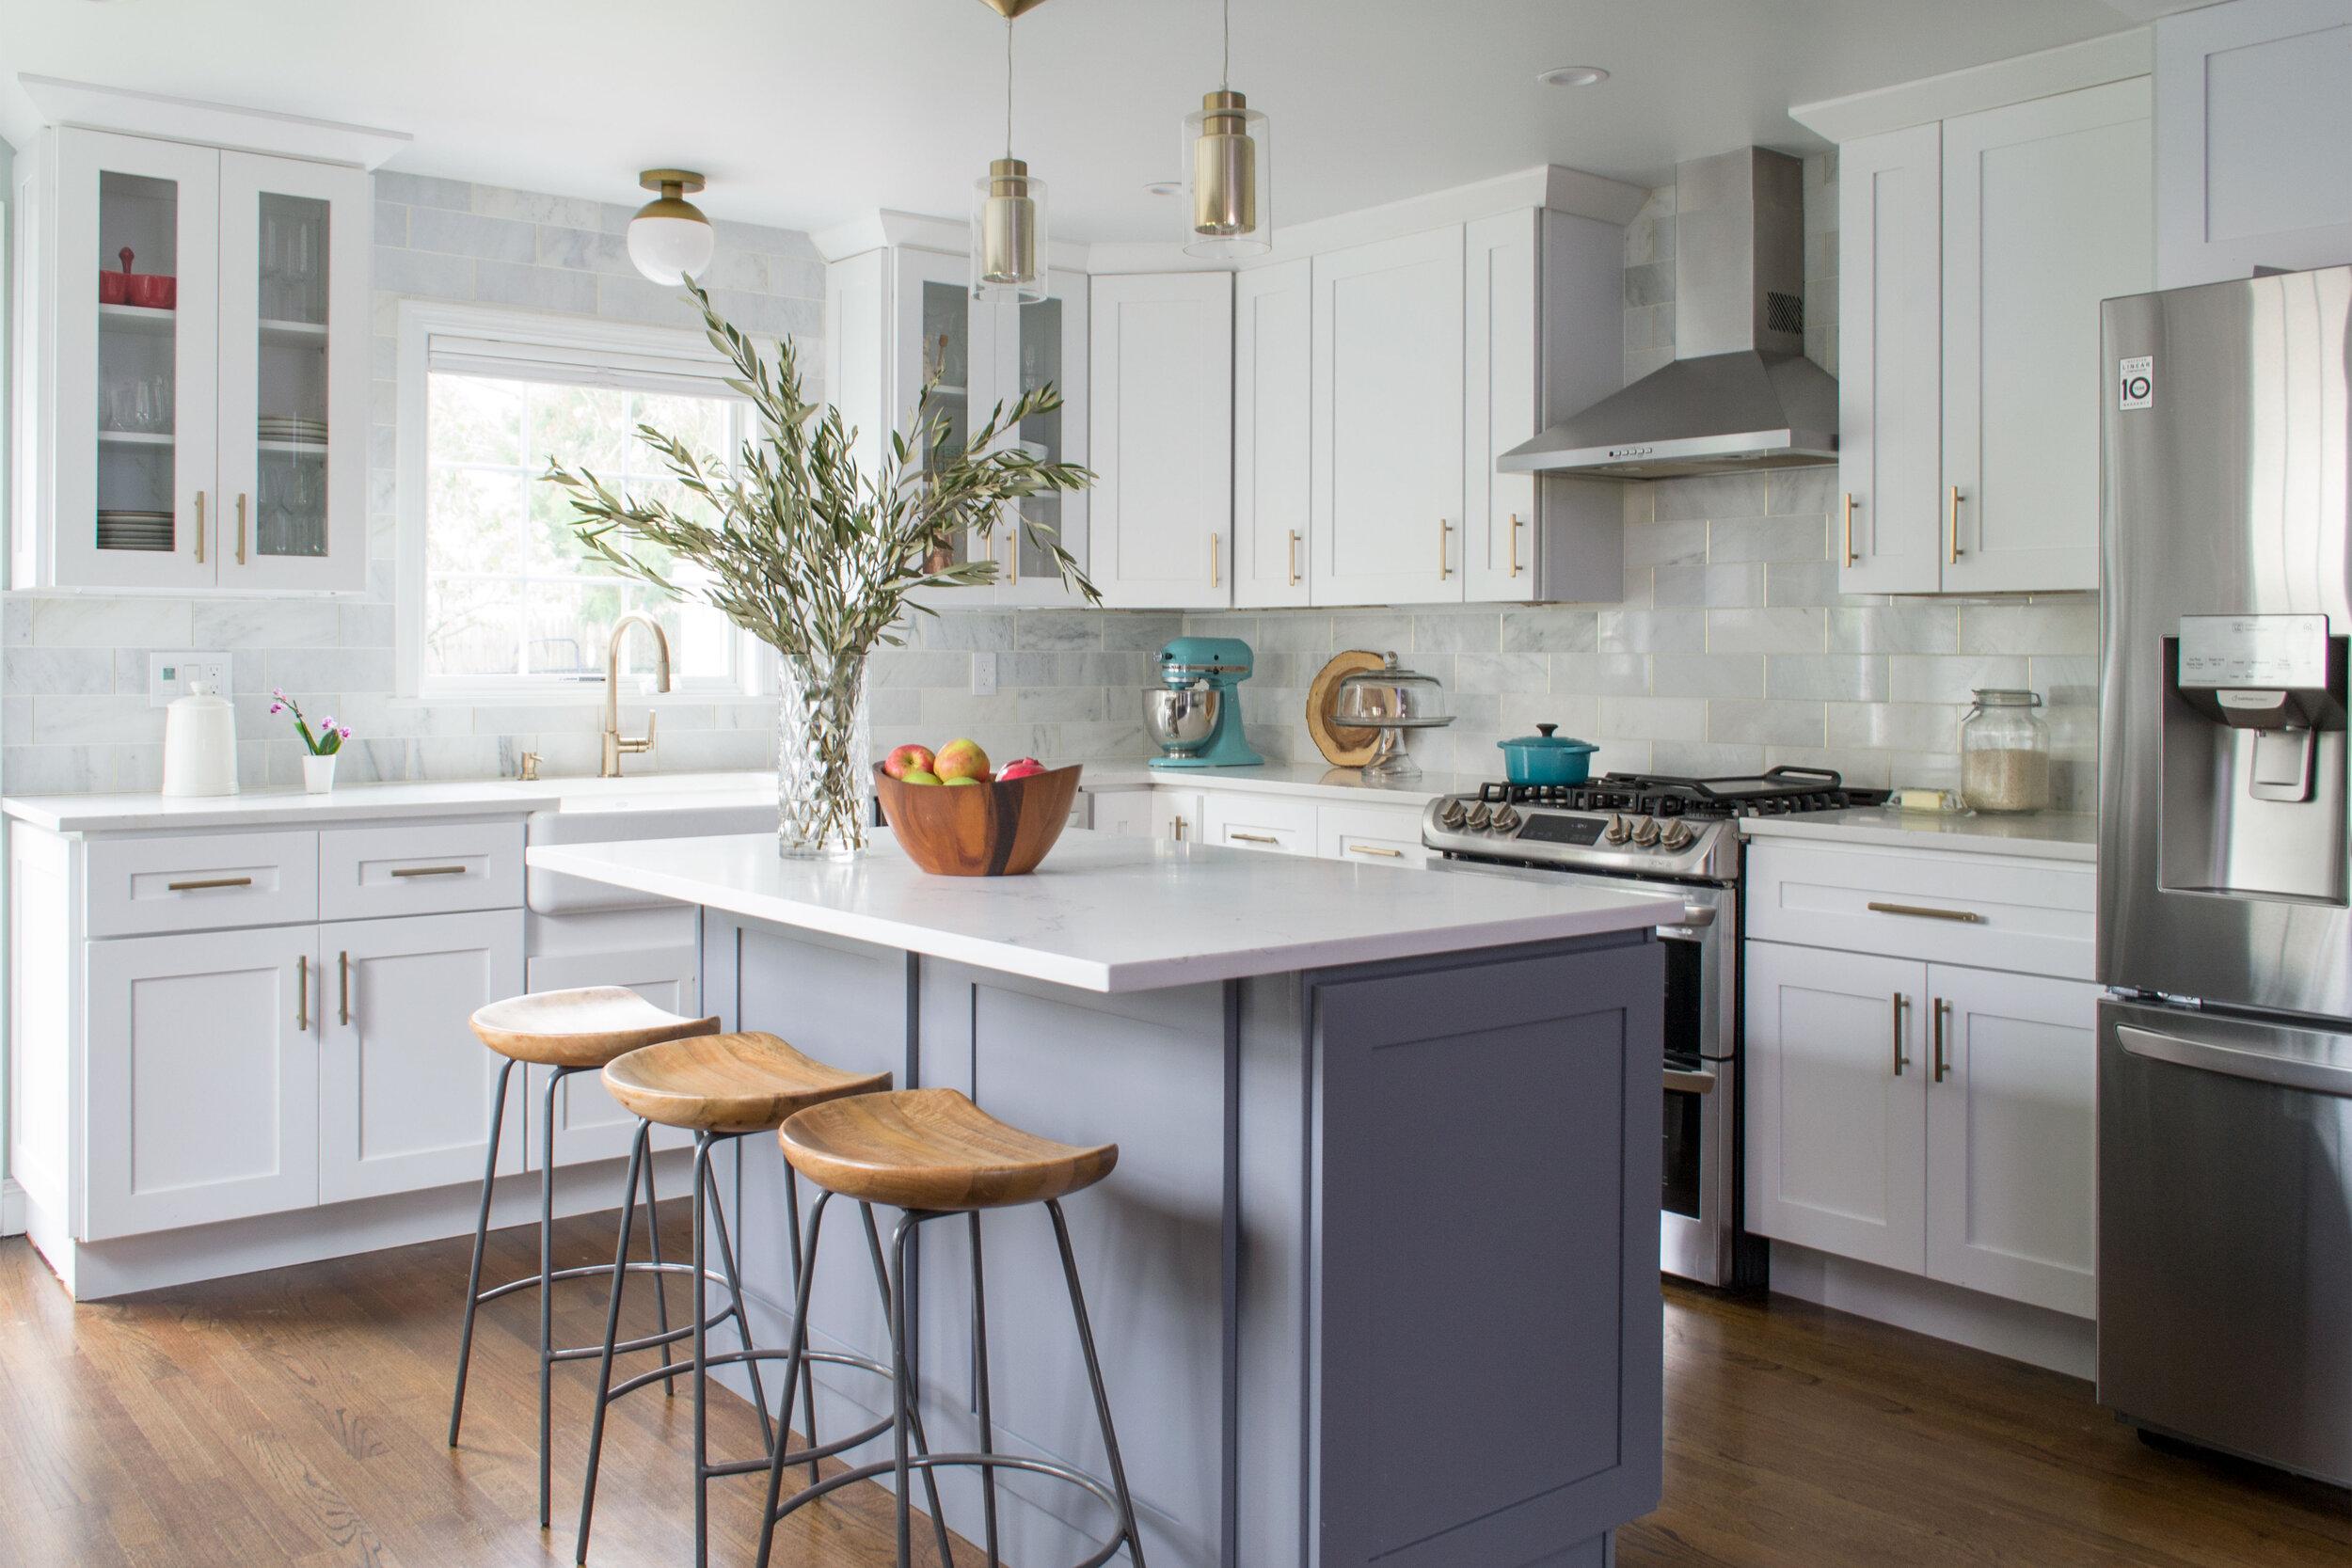 kitchen-modern-white-gray-tc-interiors-7.jpg